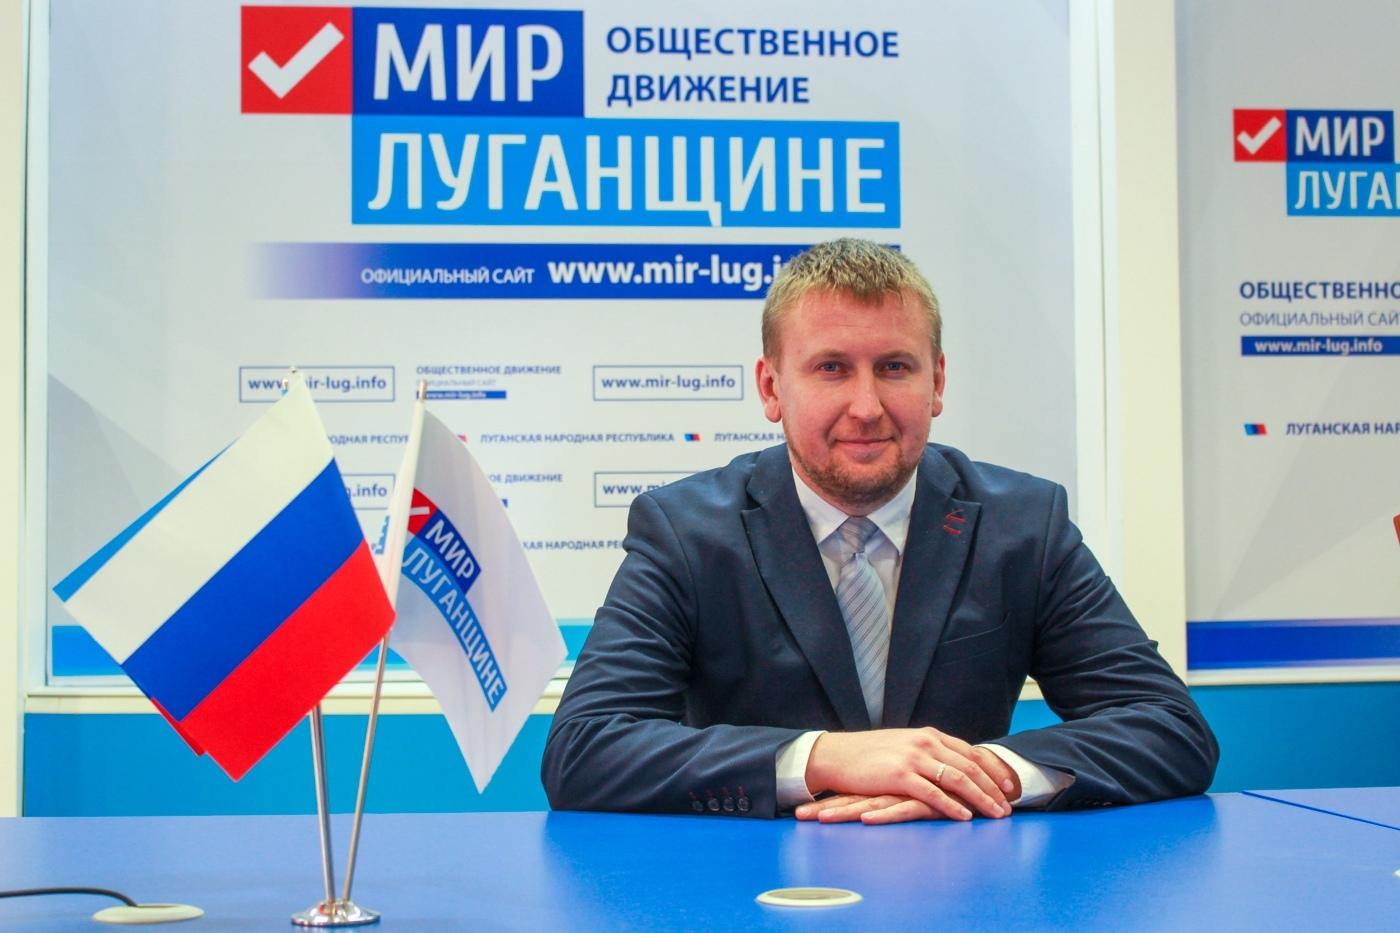 Денис Мирошниченко поздравил жителей с Днём народного единства